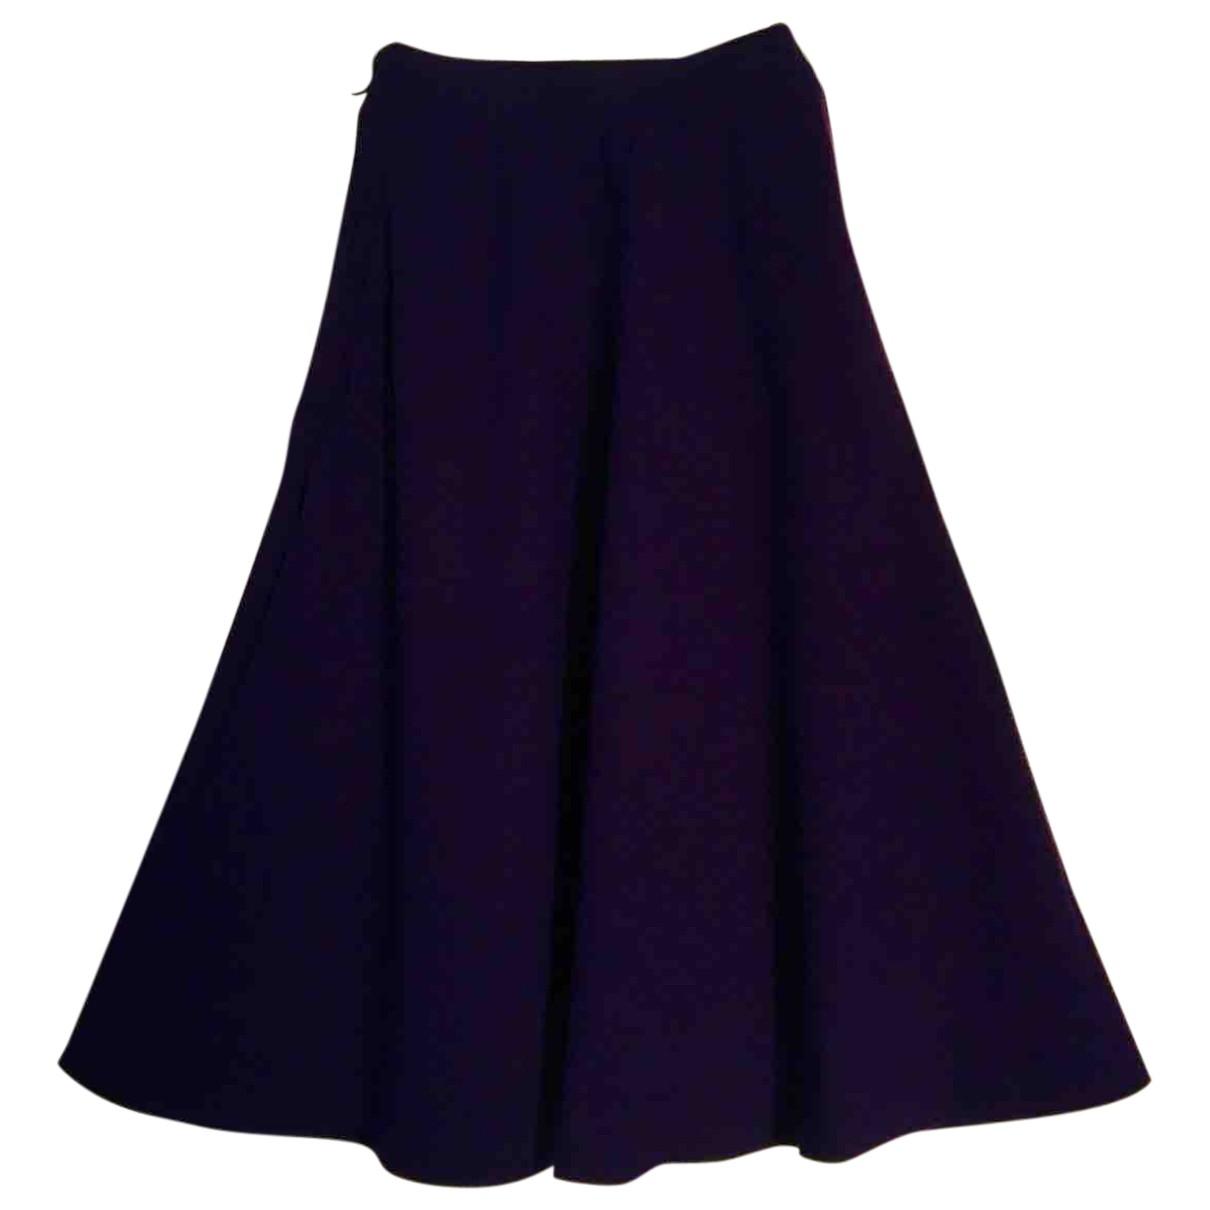 Yves Saint Laurent \N Purple Wool skirt for Women 38 FR